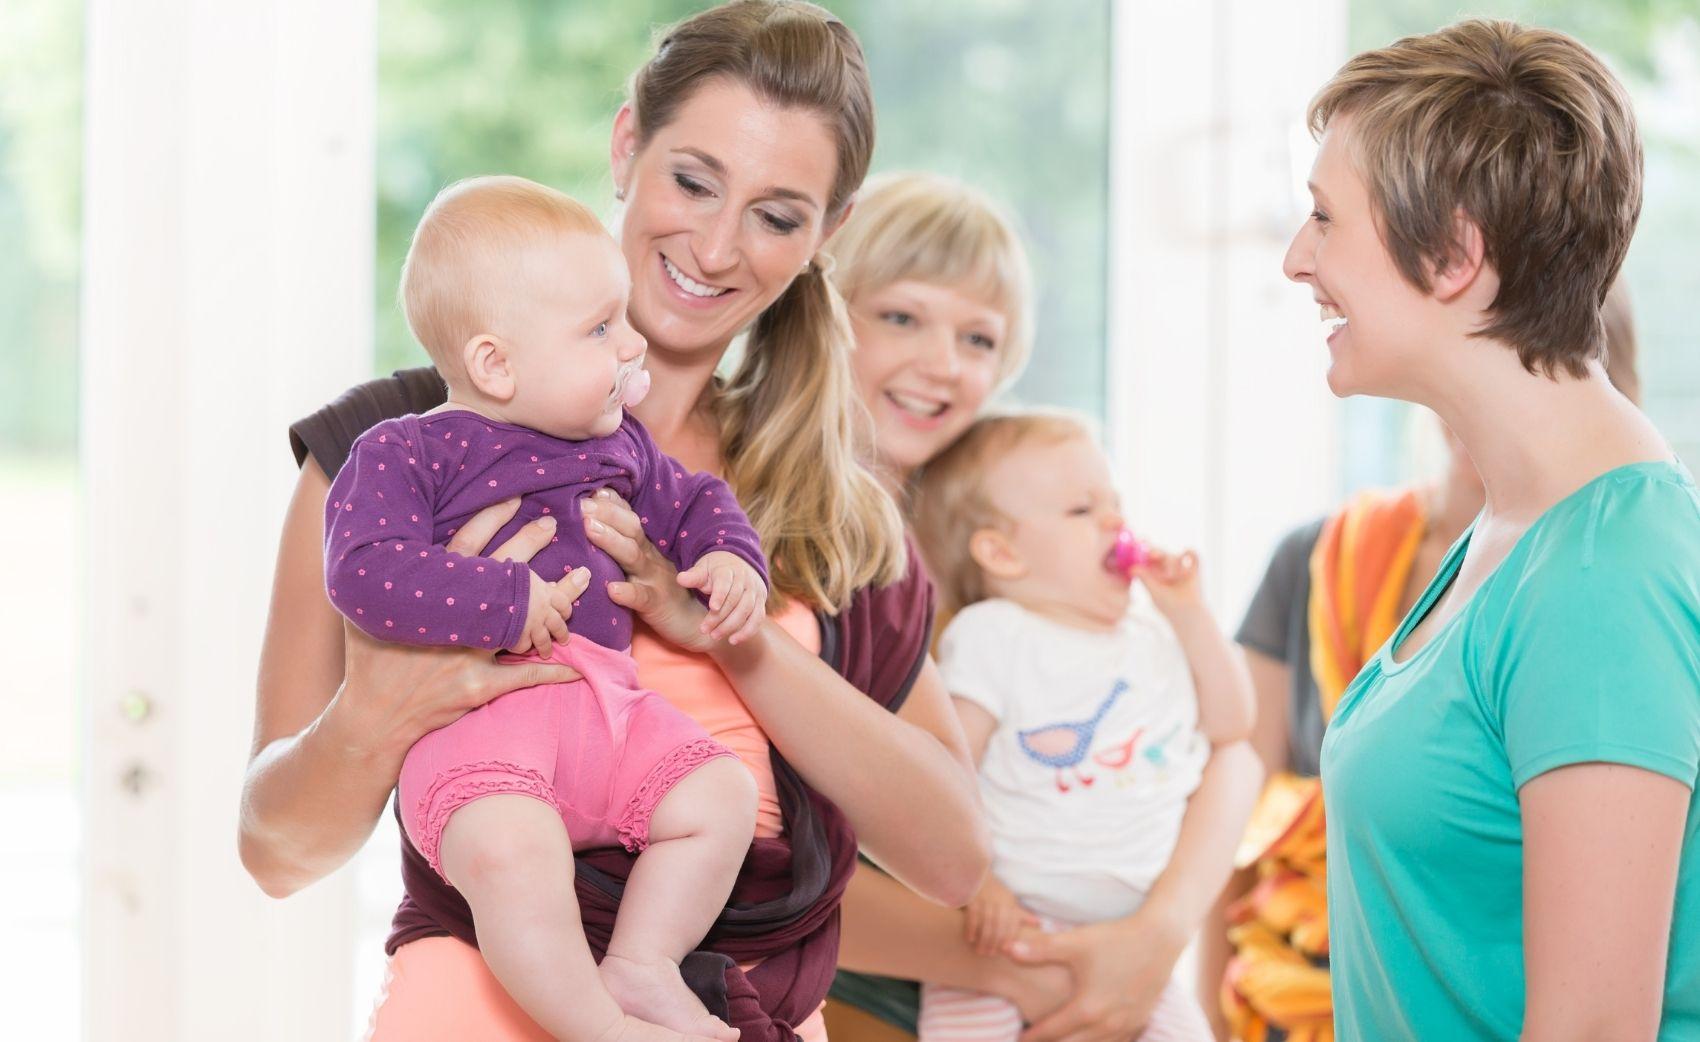 Cours de portage collectif pour apprendre à porter son bébé Le portage physiologique enseigner à espace naissance à Romont. Avec jeteporte venez apprendre à porter en écharpe de portage